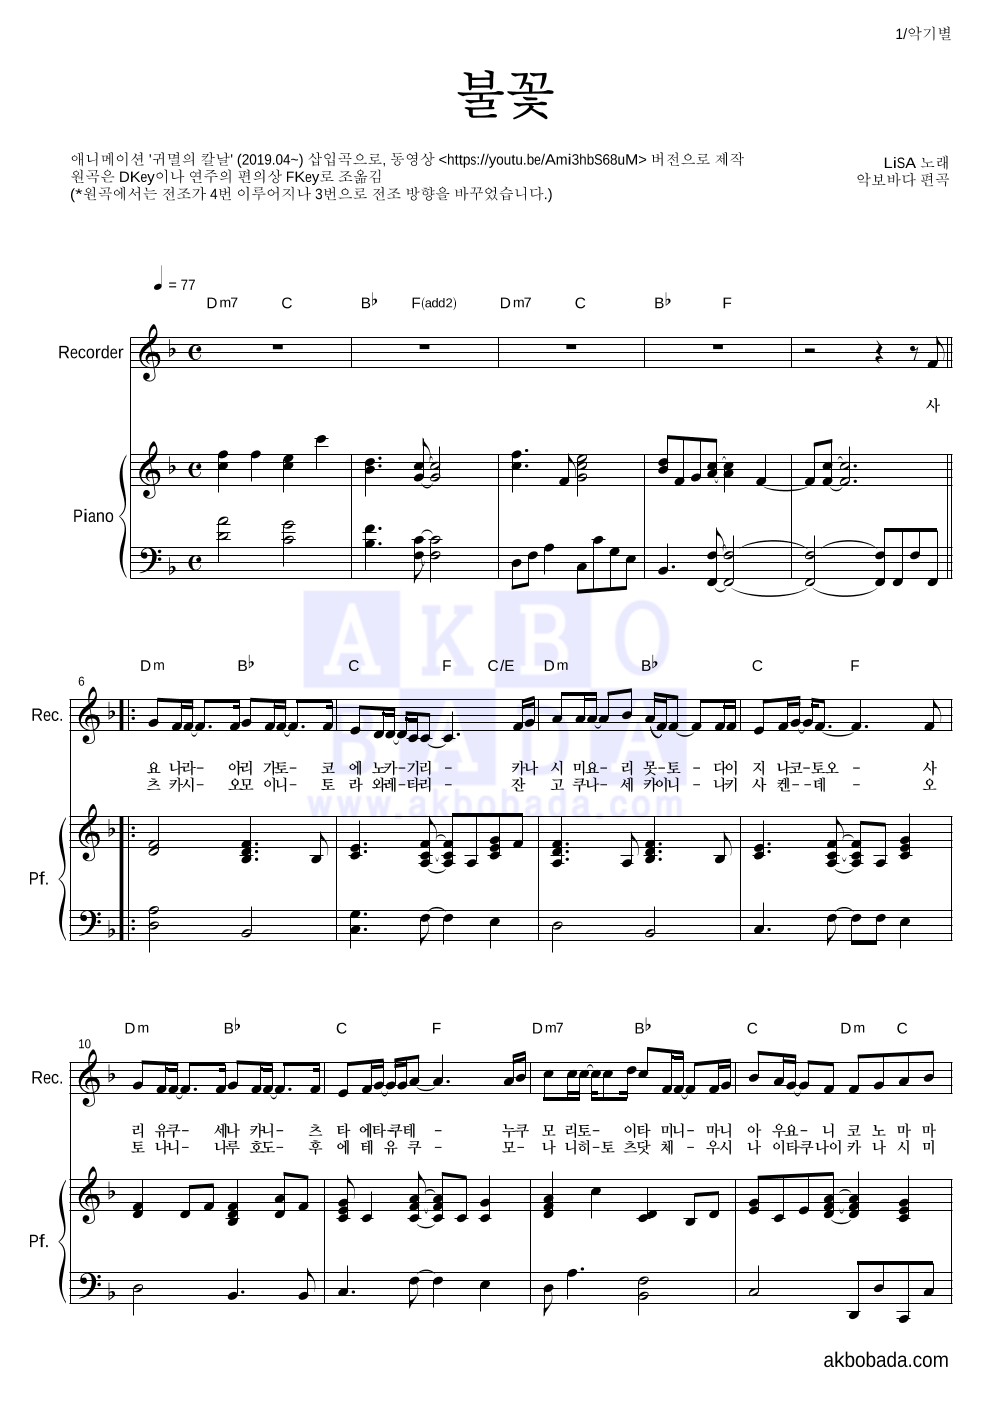 귀멸의 칼날 OST - 불꽃 리코더&피아노 악보